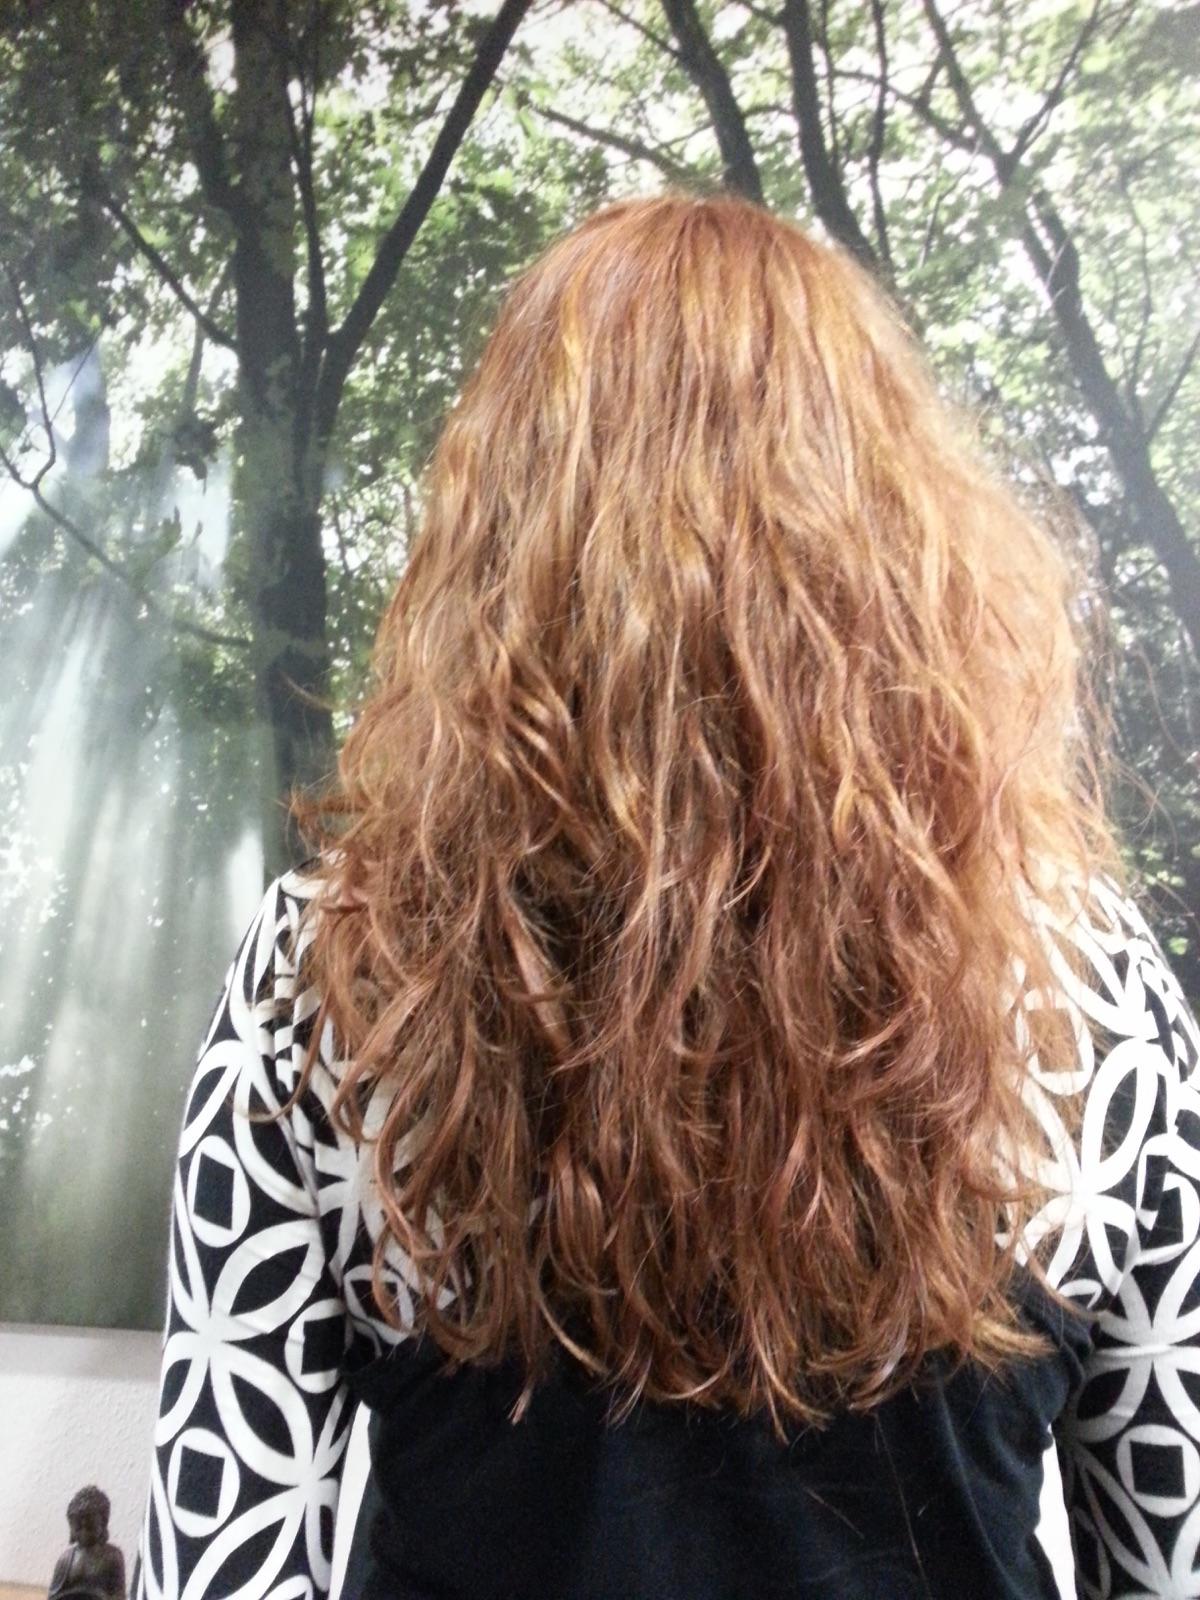 Frisuren17